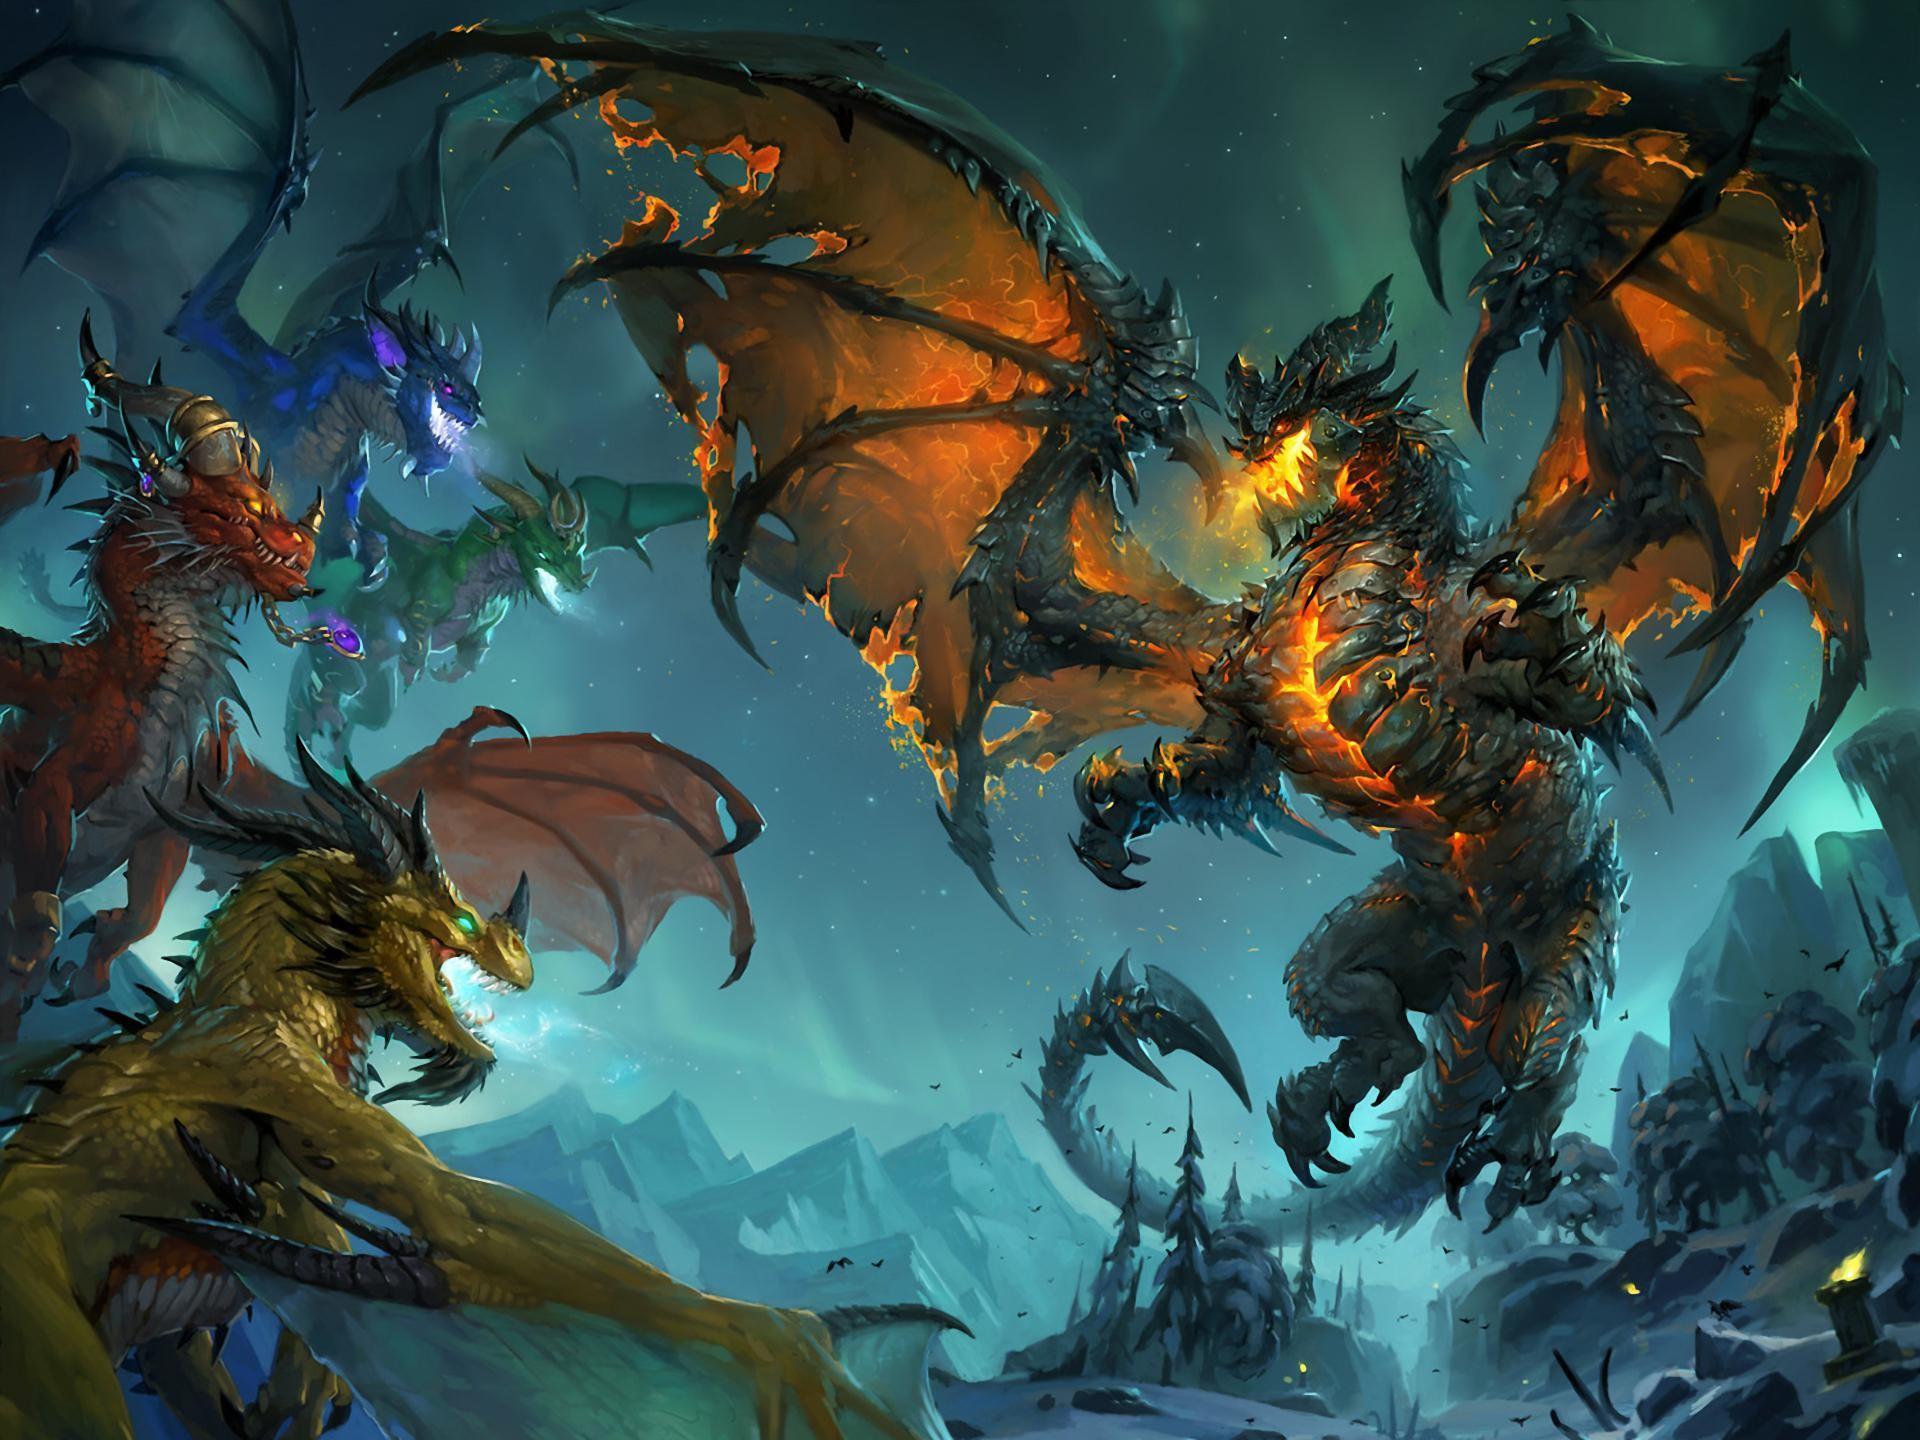 Fond d'écran : illustration, Art fantastique, World of Warcraft, dragon, mythologie, World of ...